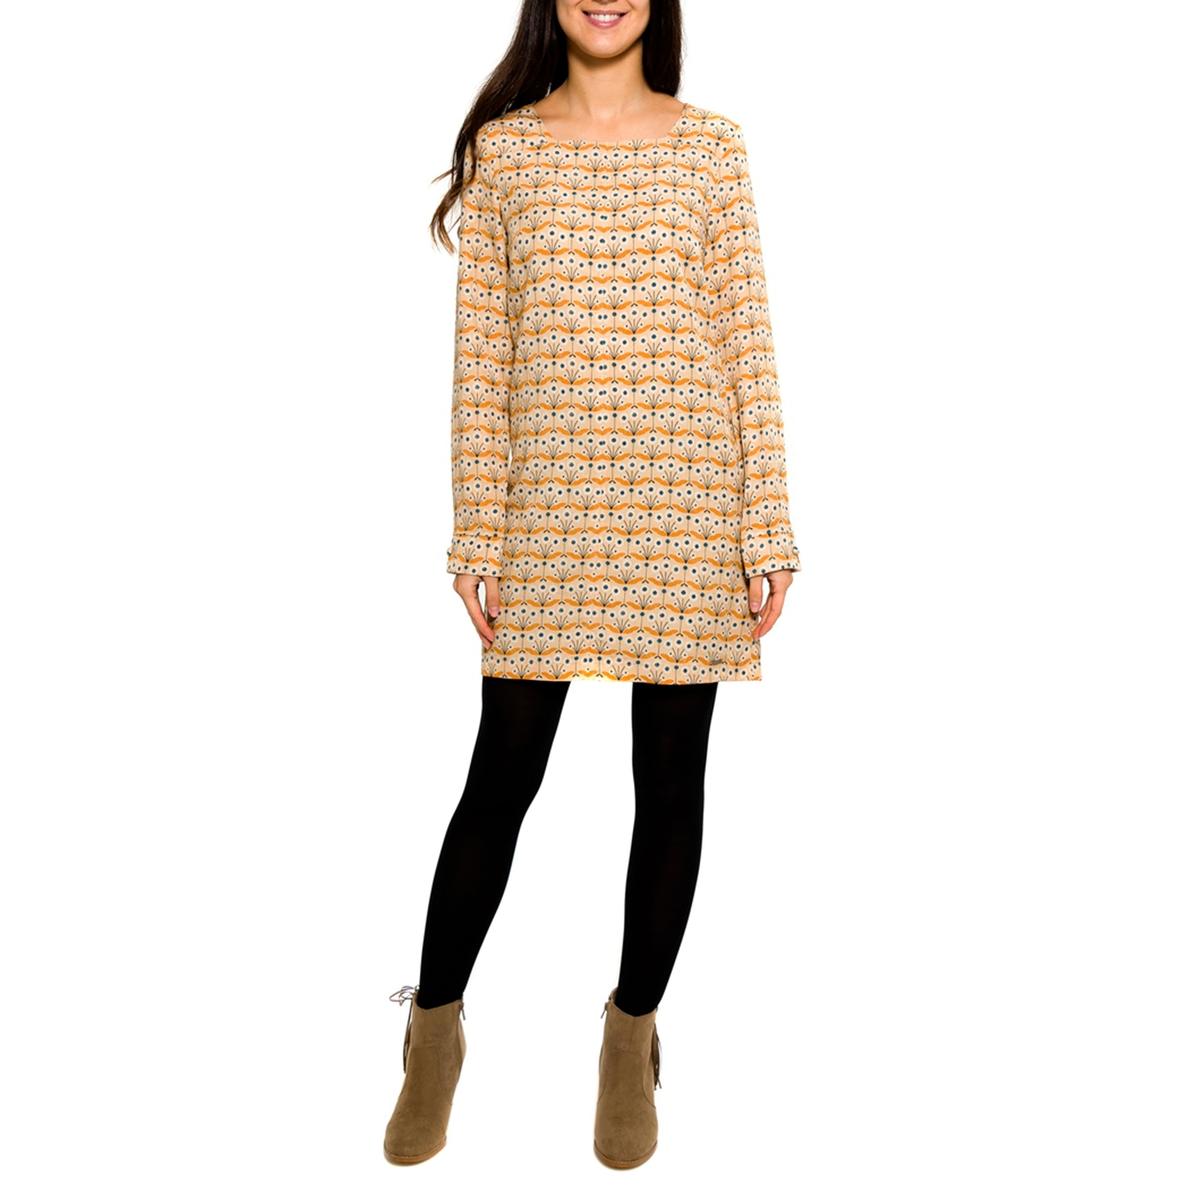 Платье с рисунком и длинными рукавамиСостав и описание:Материал: 100% Tencel®.Марка: PARAMITA.<br><br>Цвет: бежевый/геометрический рисунок<br>Размер: M.S